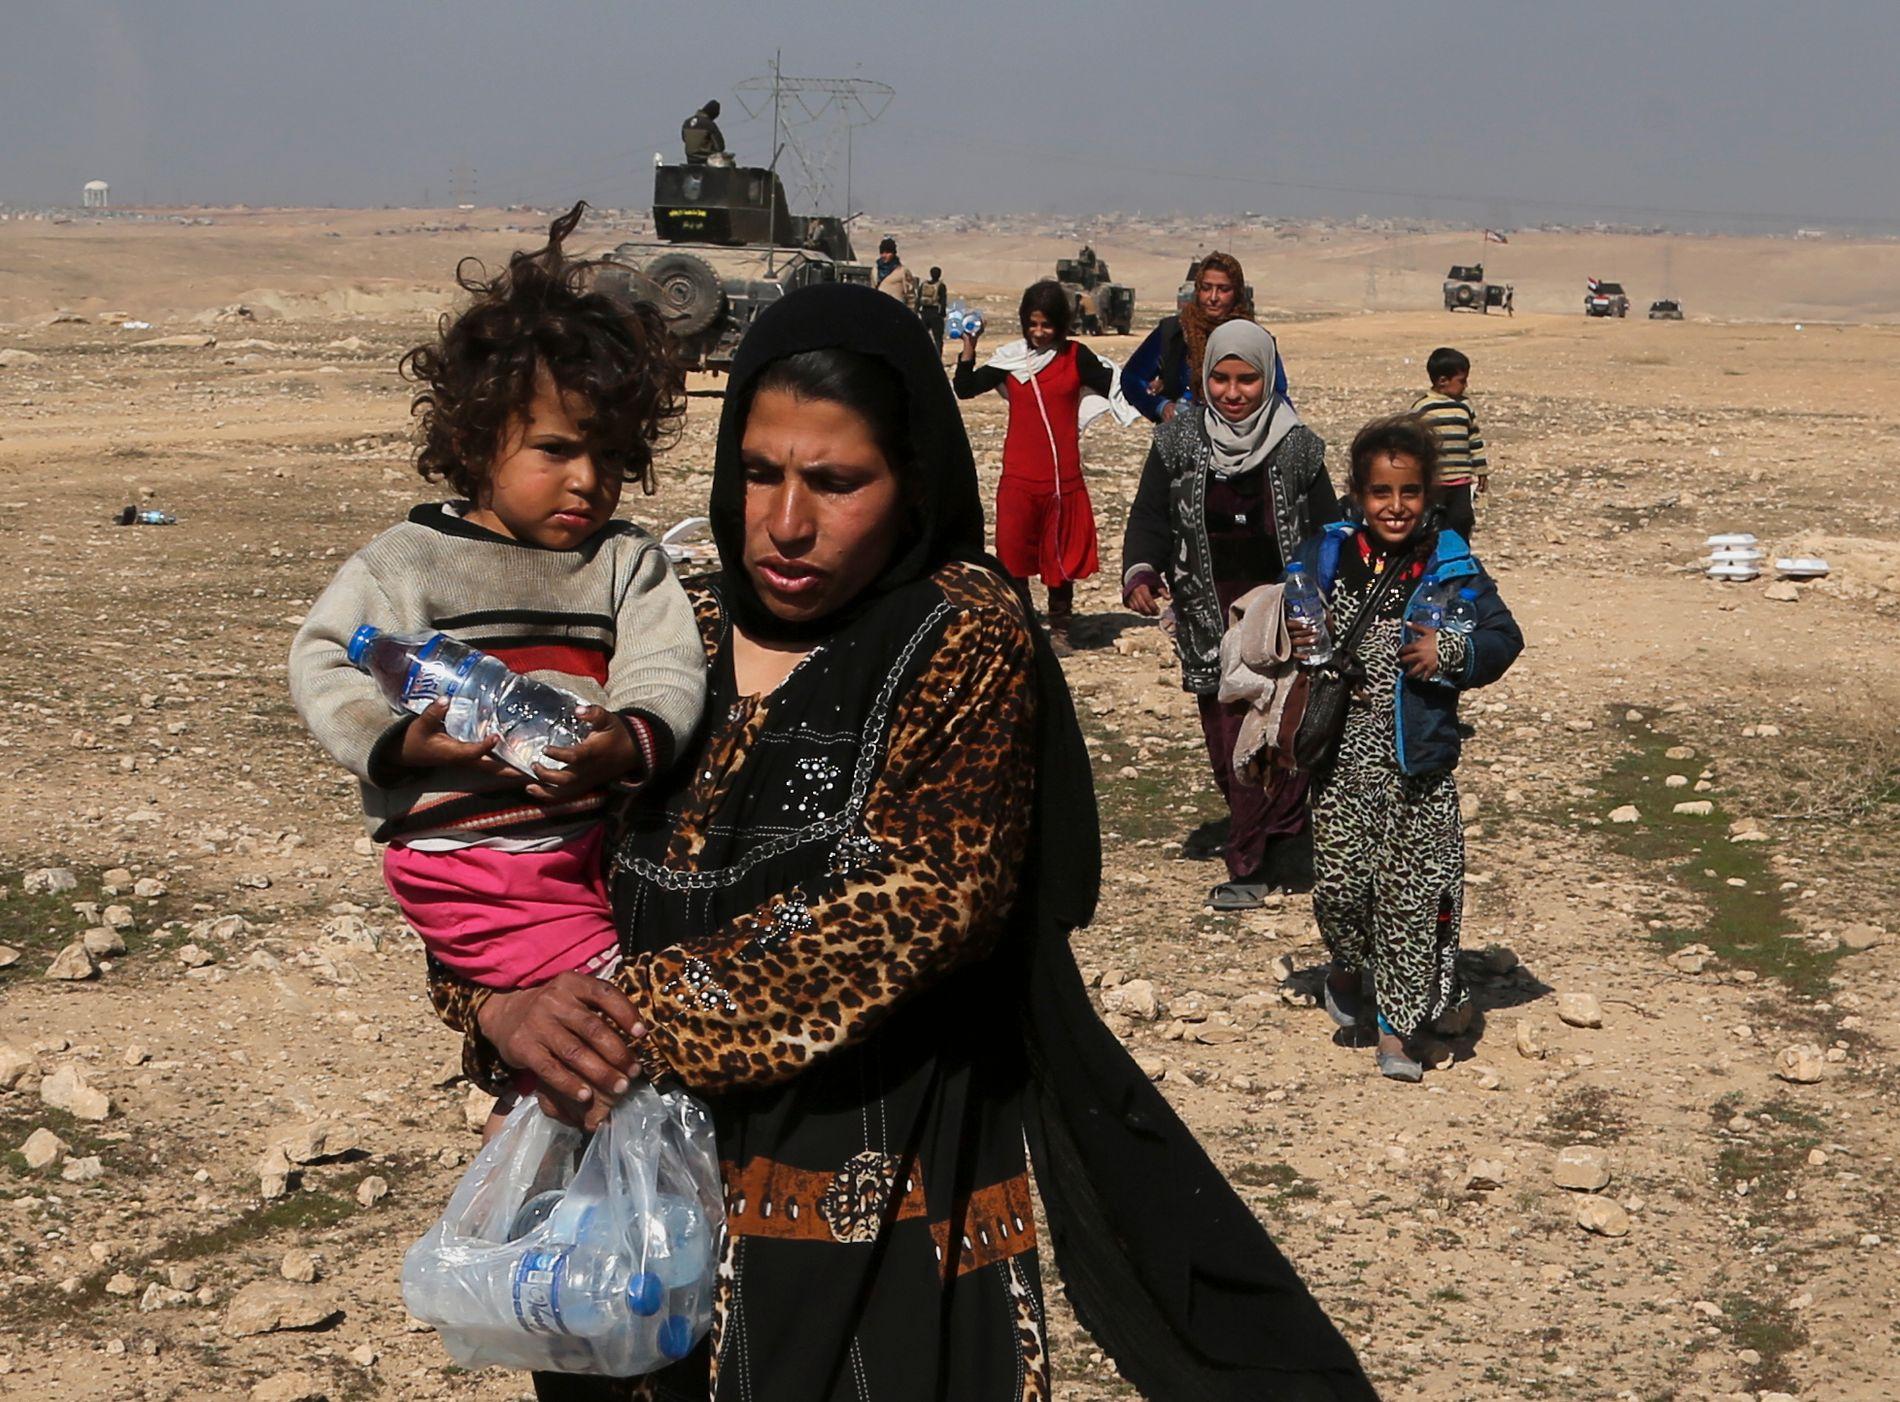 BESKYTTES: Vi har også understreket overfor irakiske myndigheter at kvinner, som har vært ofre for seksualisert vold under ISIL, må beskyttes mot represalier når byen frigjøres. Bildet viser irakiske flyktninger fra Mosul.